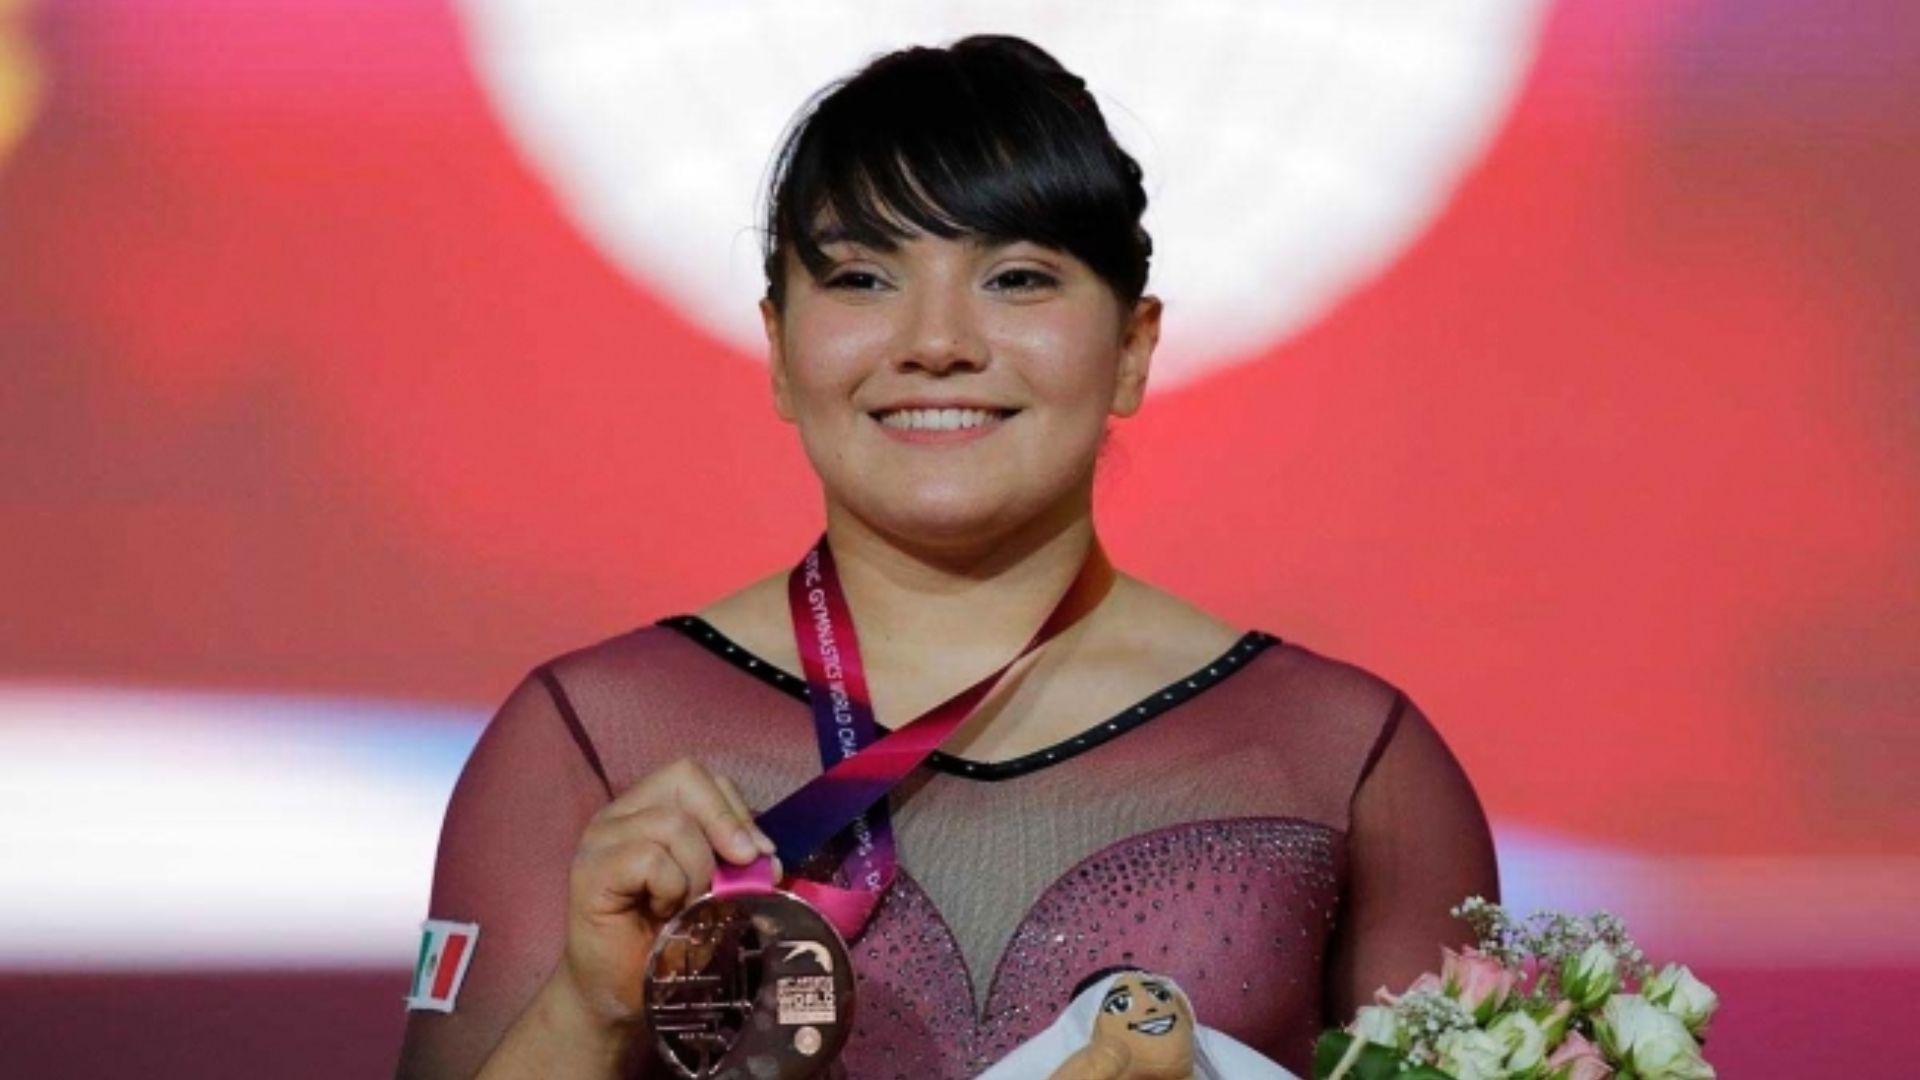 Alexa fue víctima de bullying por su peso en los Olímpicos de Río 2016, posteriormente participó en Tokio 2020 (Foto: Notimex)